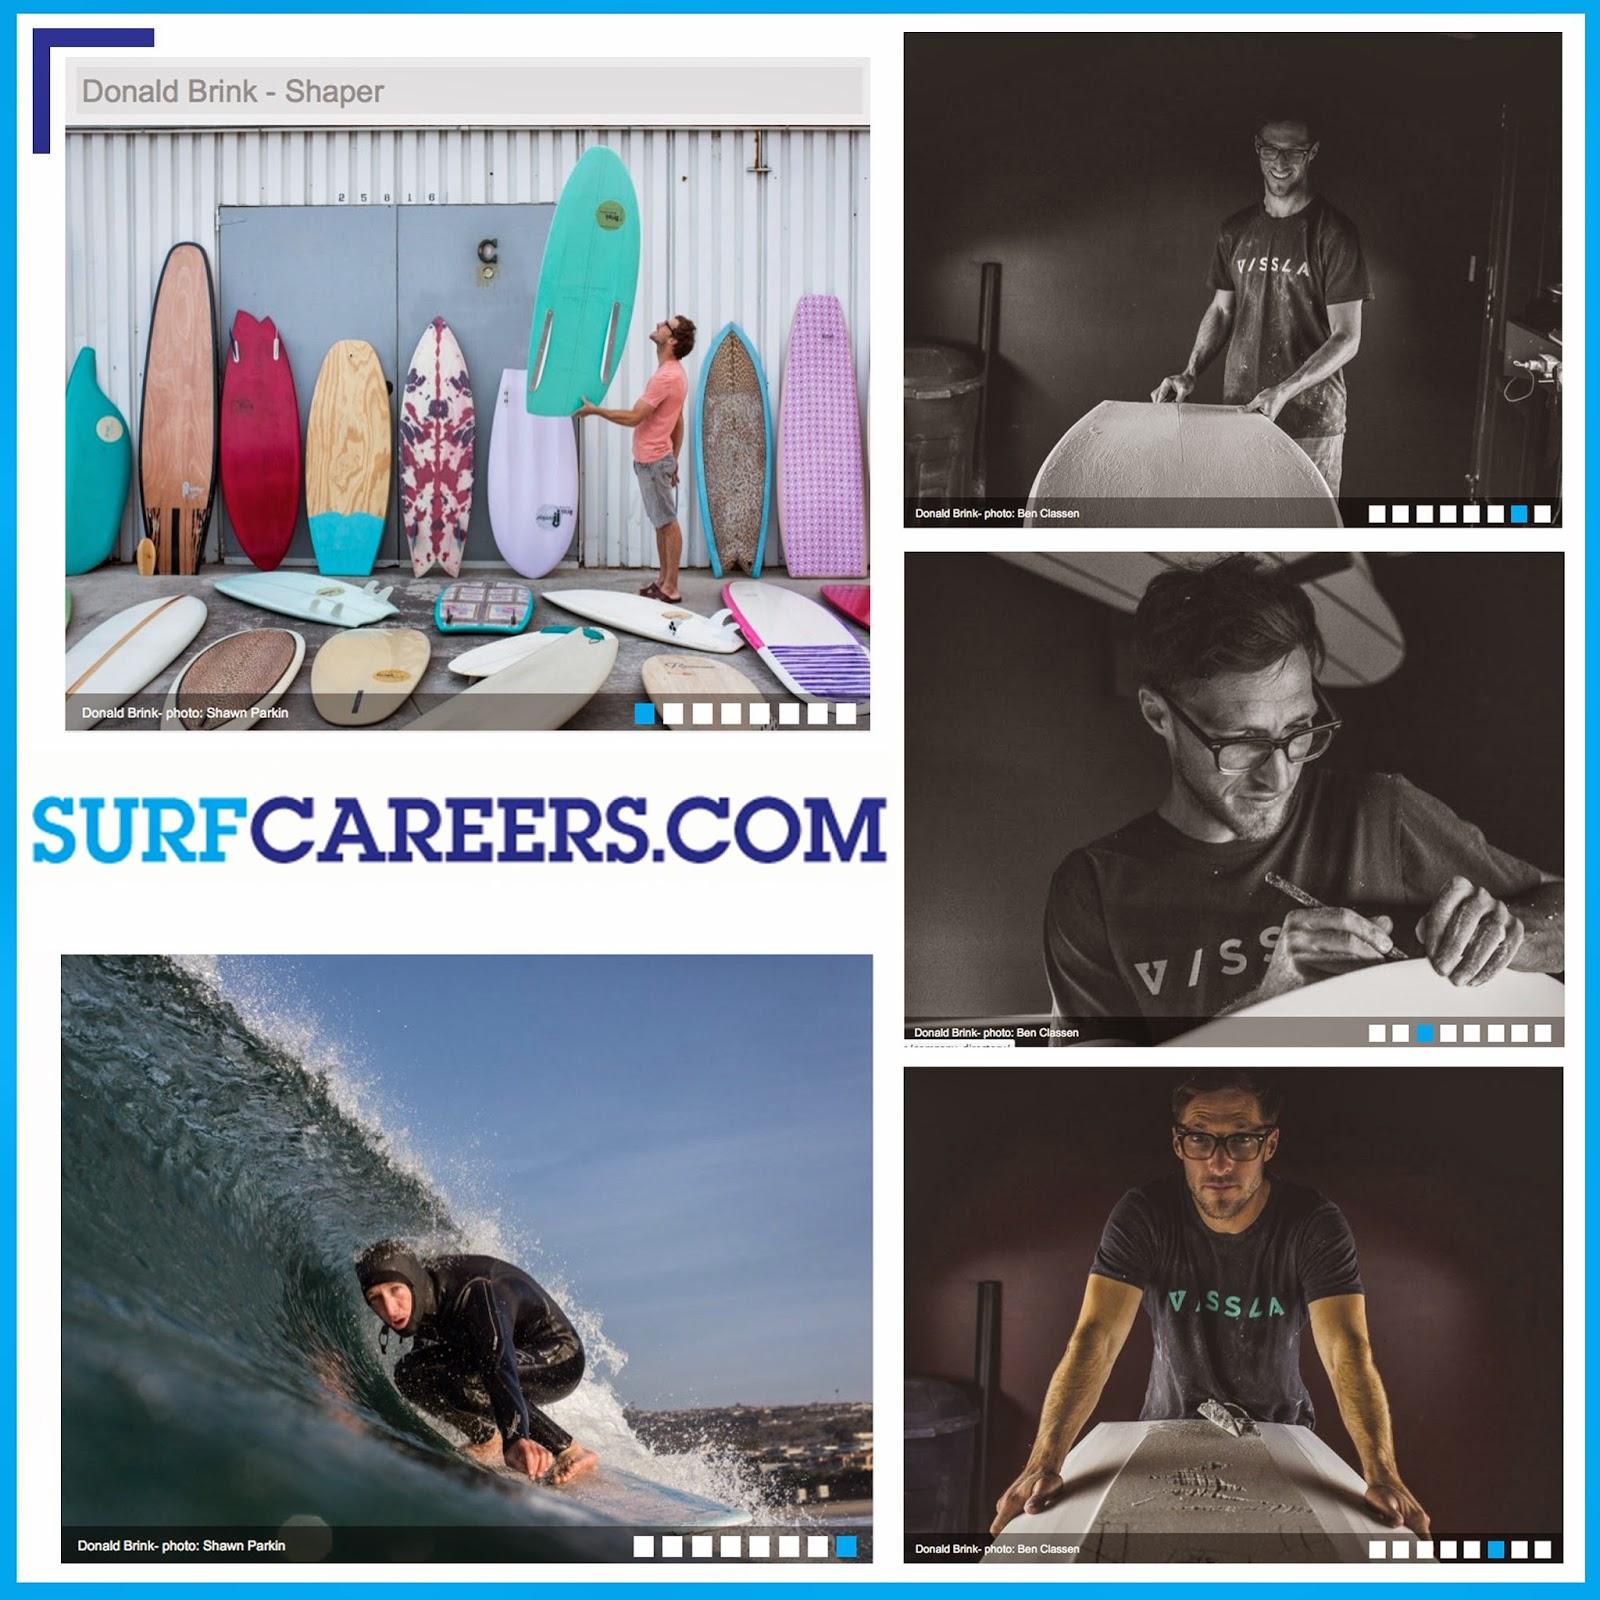 SurfCareers_BRink